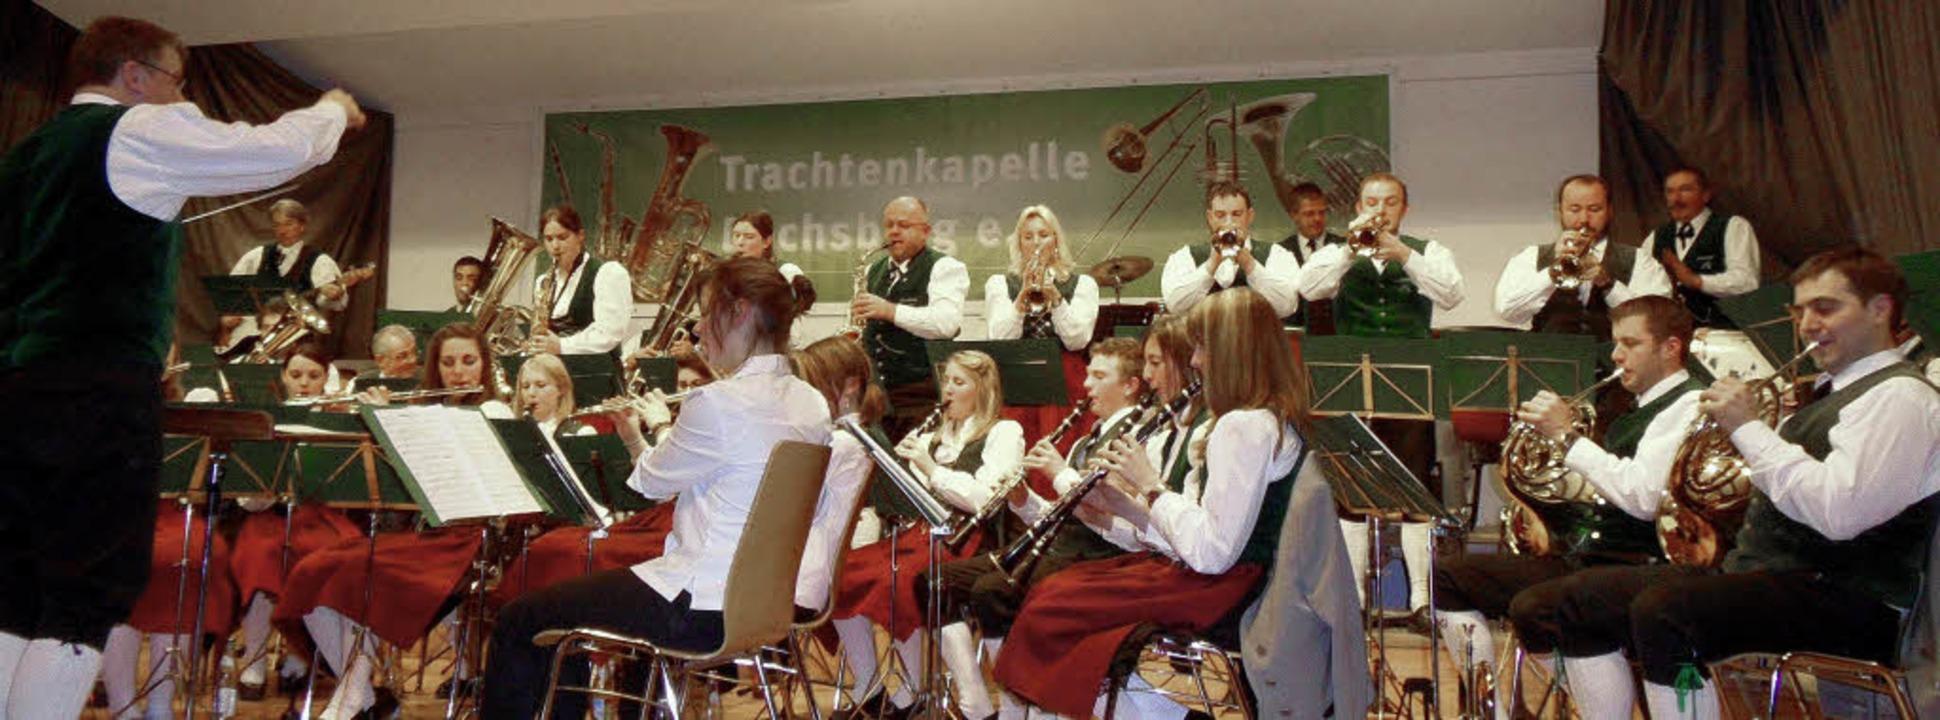 Das Dachsberger Blasorchester beherrsc...densten musikalischen Stilrichtungen.   | Foto: Sigurd Kaiser